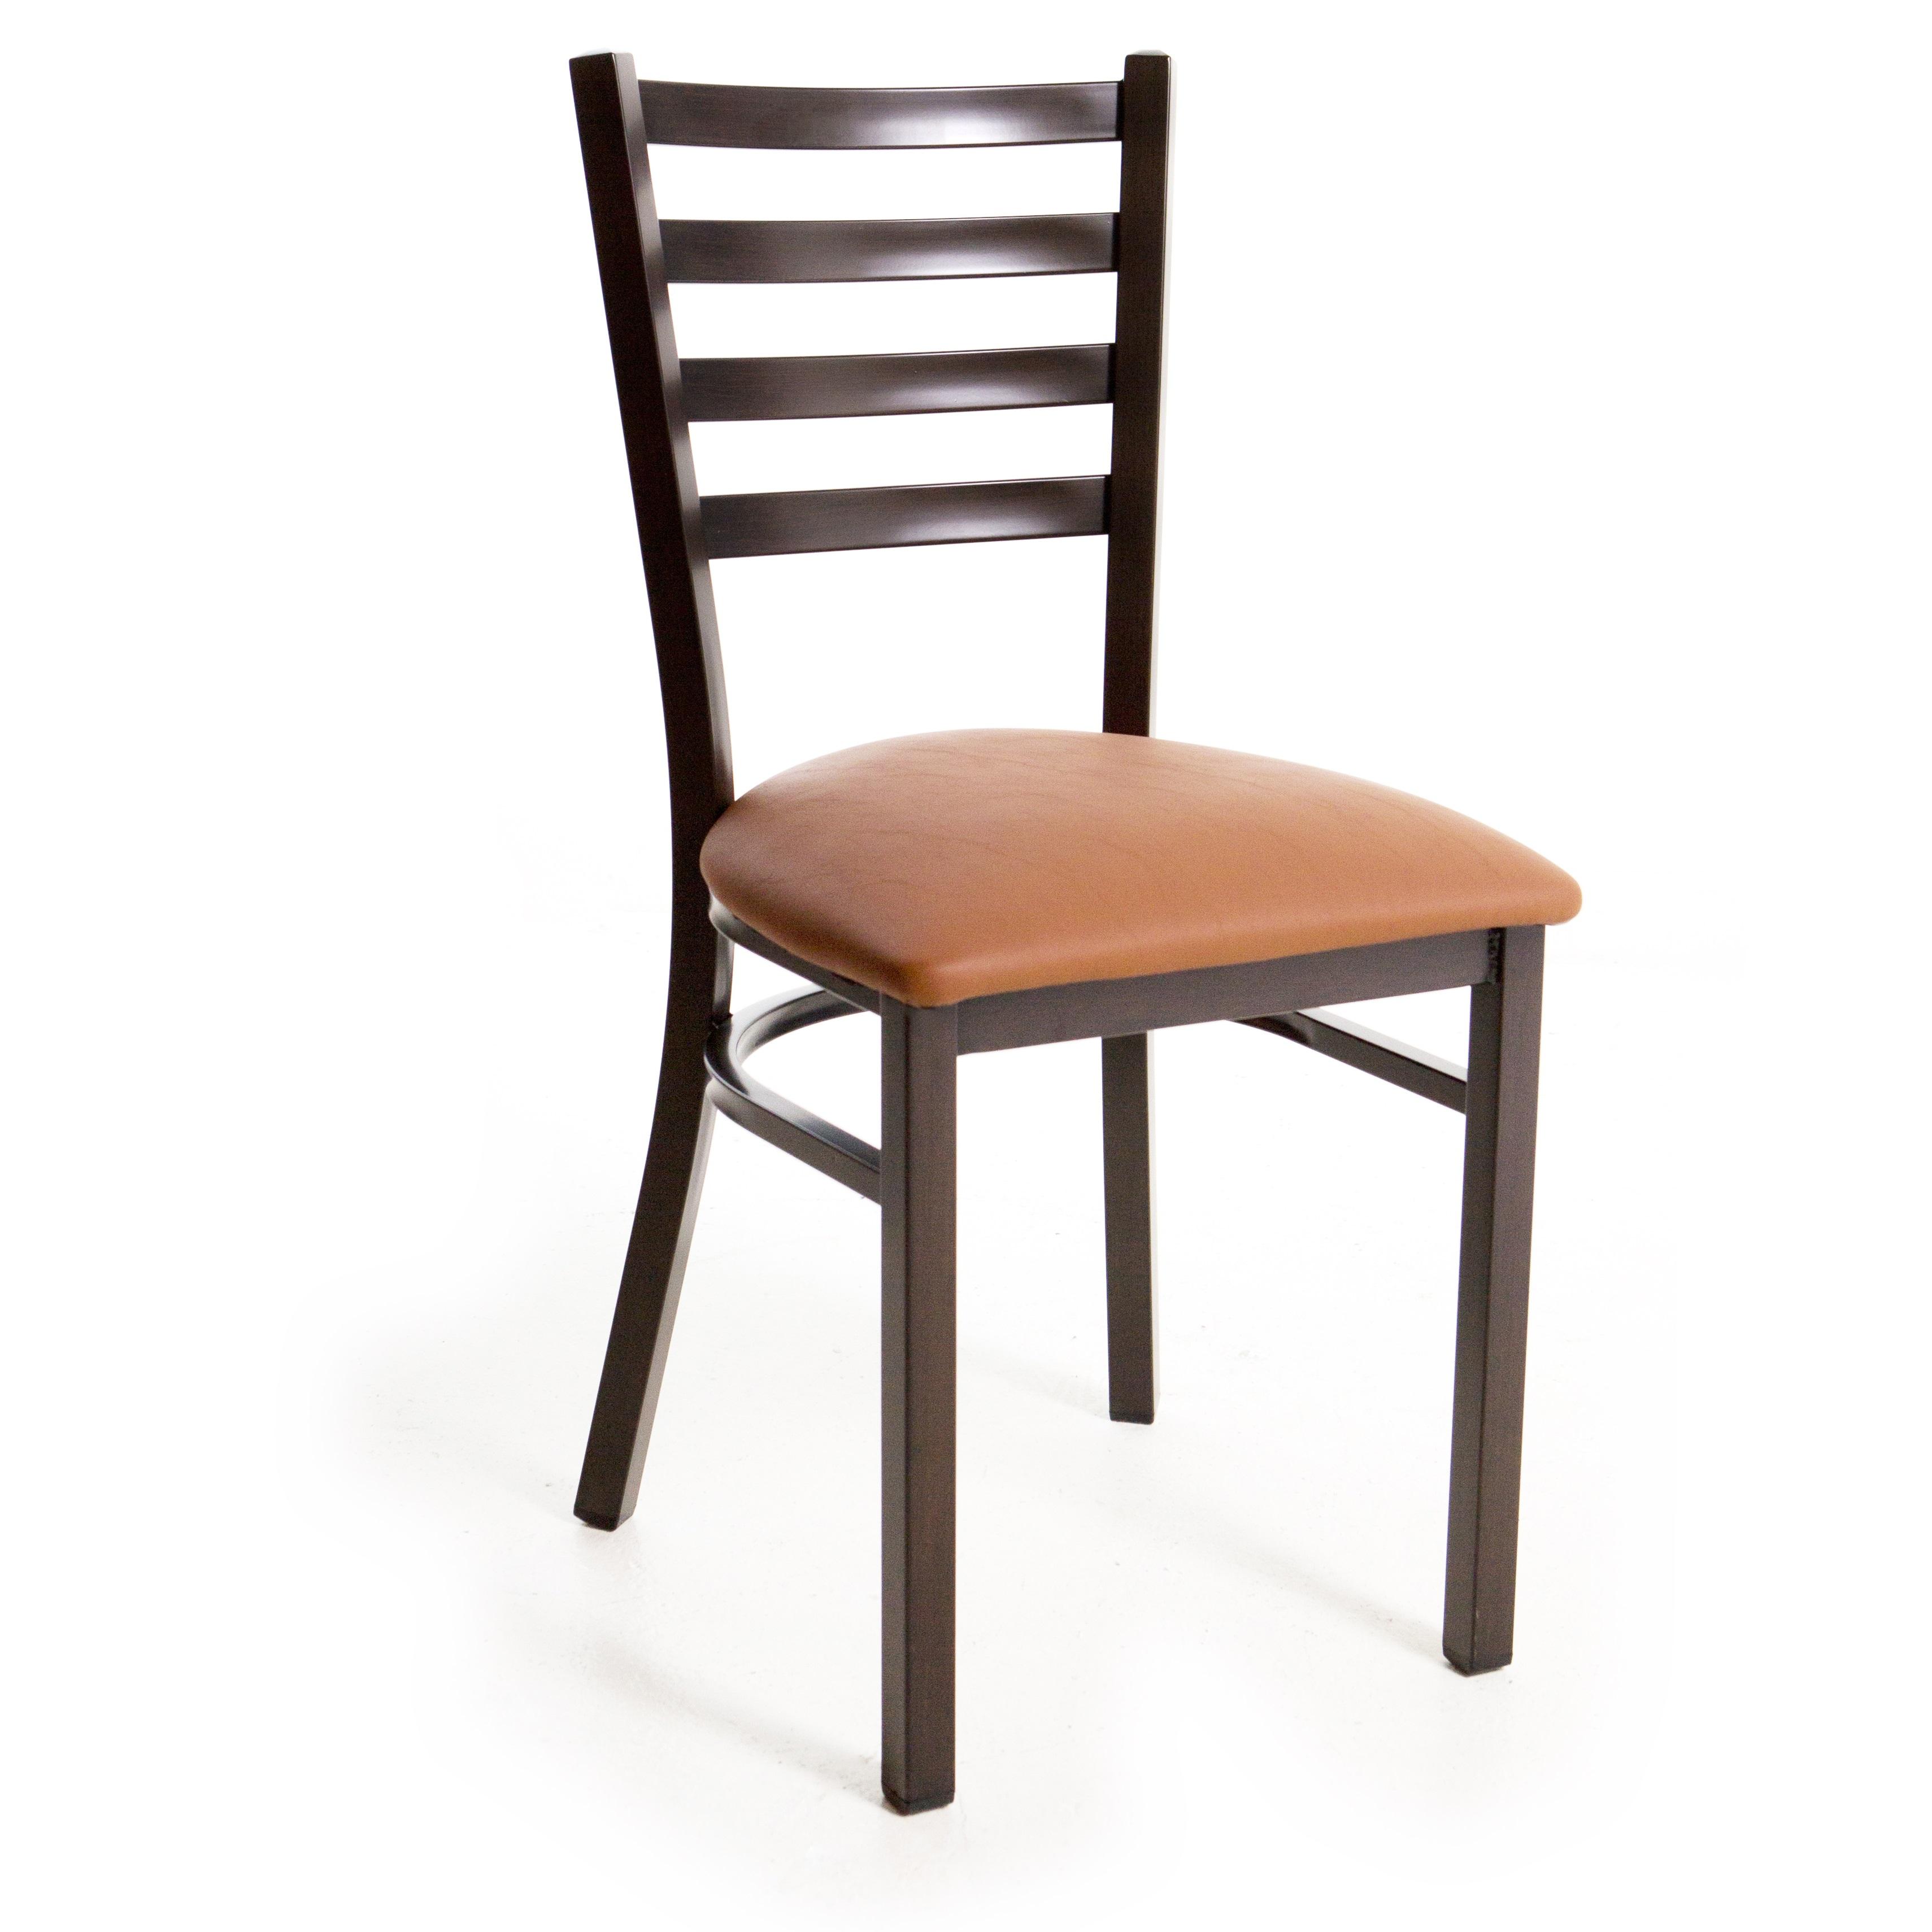 Metal Ladder Back Chair - Wood Look